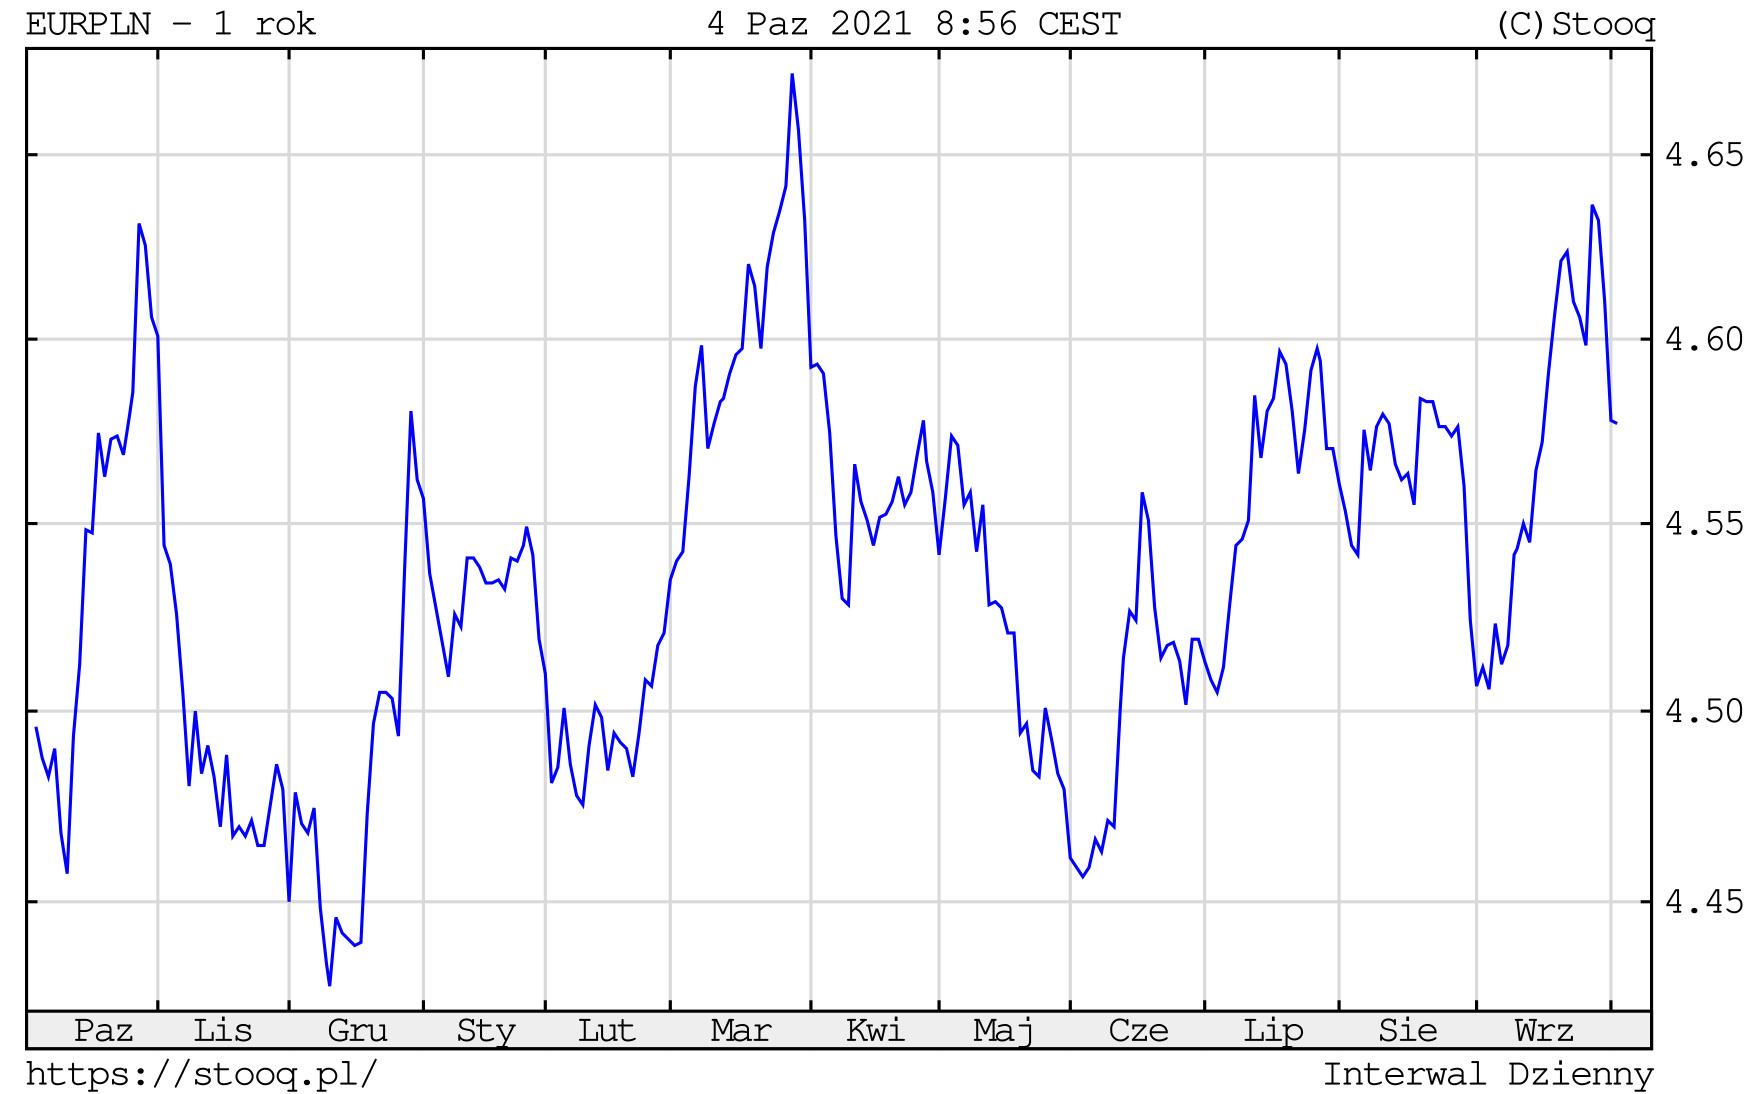 Kurs euro w poniedziałek, 4 października 2021 roku. Notowania EURPLN na wykresie dziennym